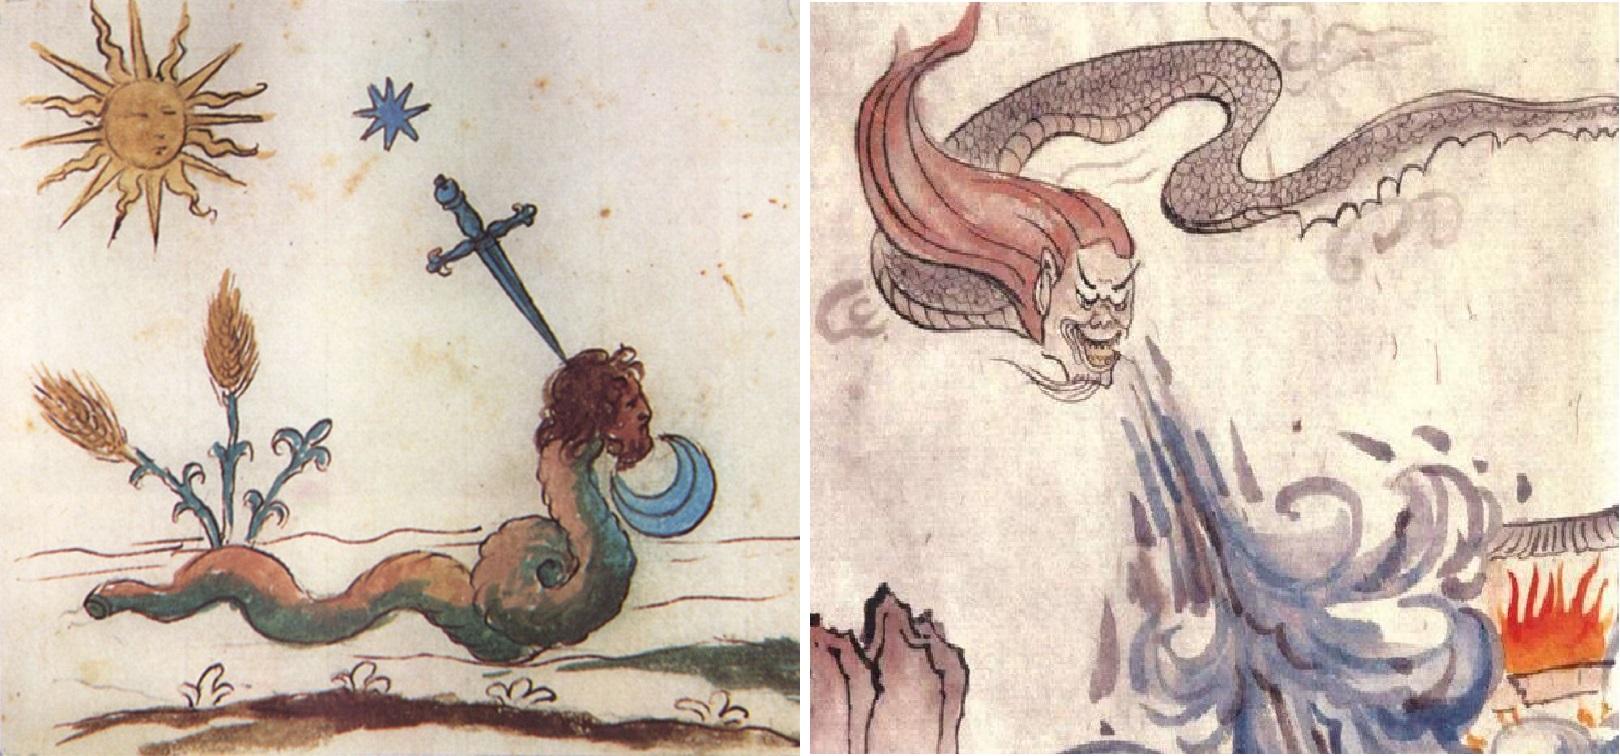 Cộng Công được mô tả là nửa người nửa rắn, tóc đỏ, điều này tương thích với bức vẽ trang 45 trong cuốn sách thất lạc của Nostradamus.